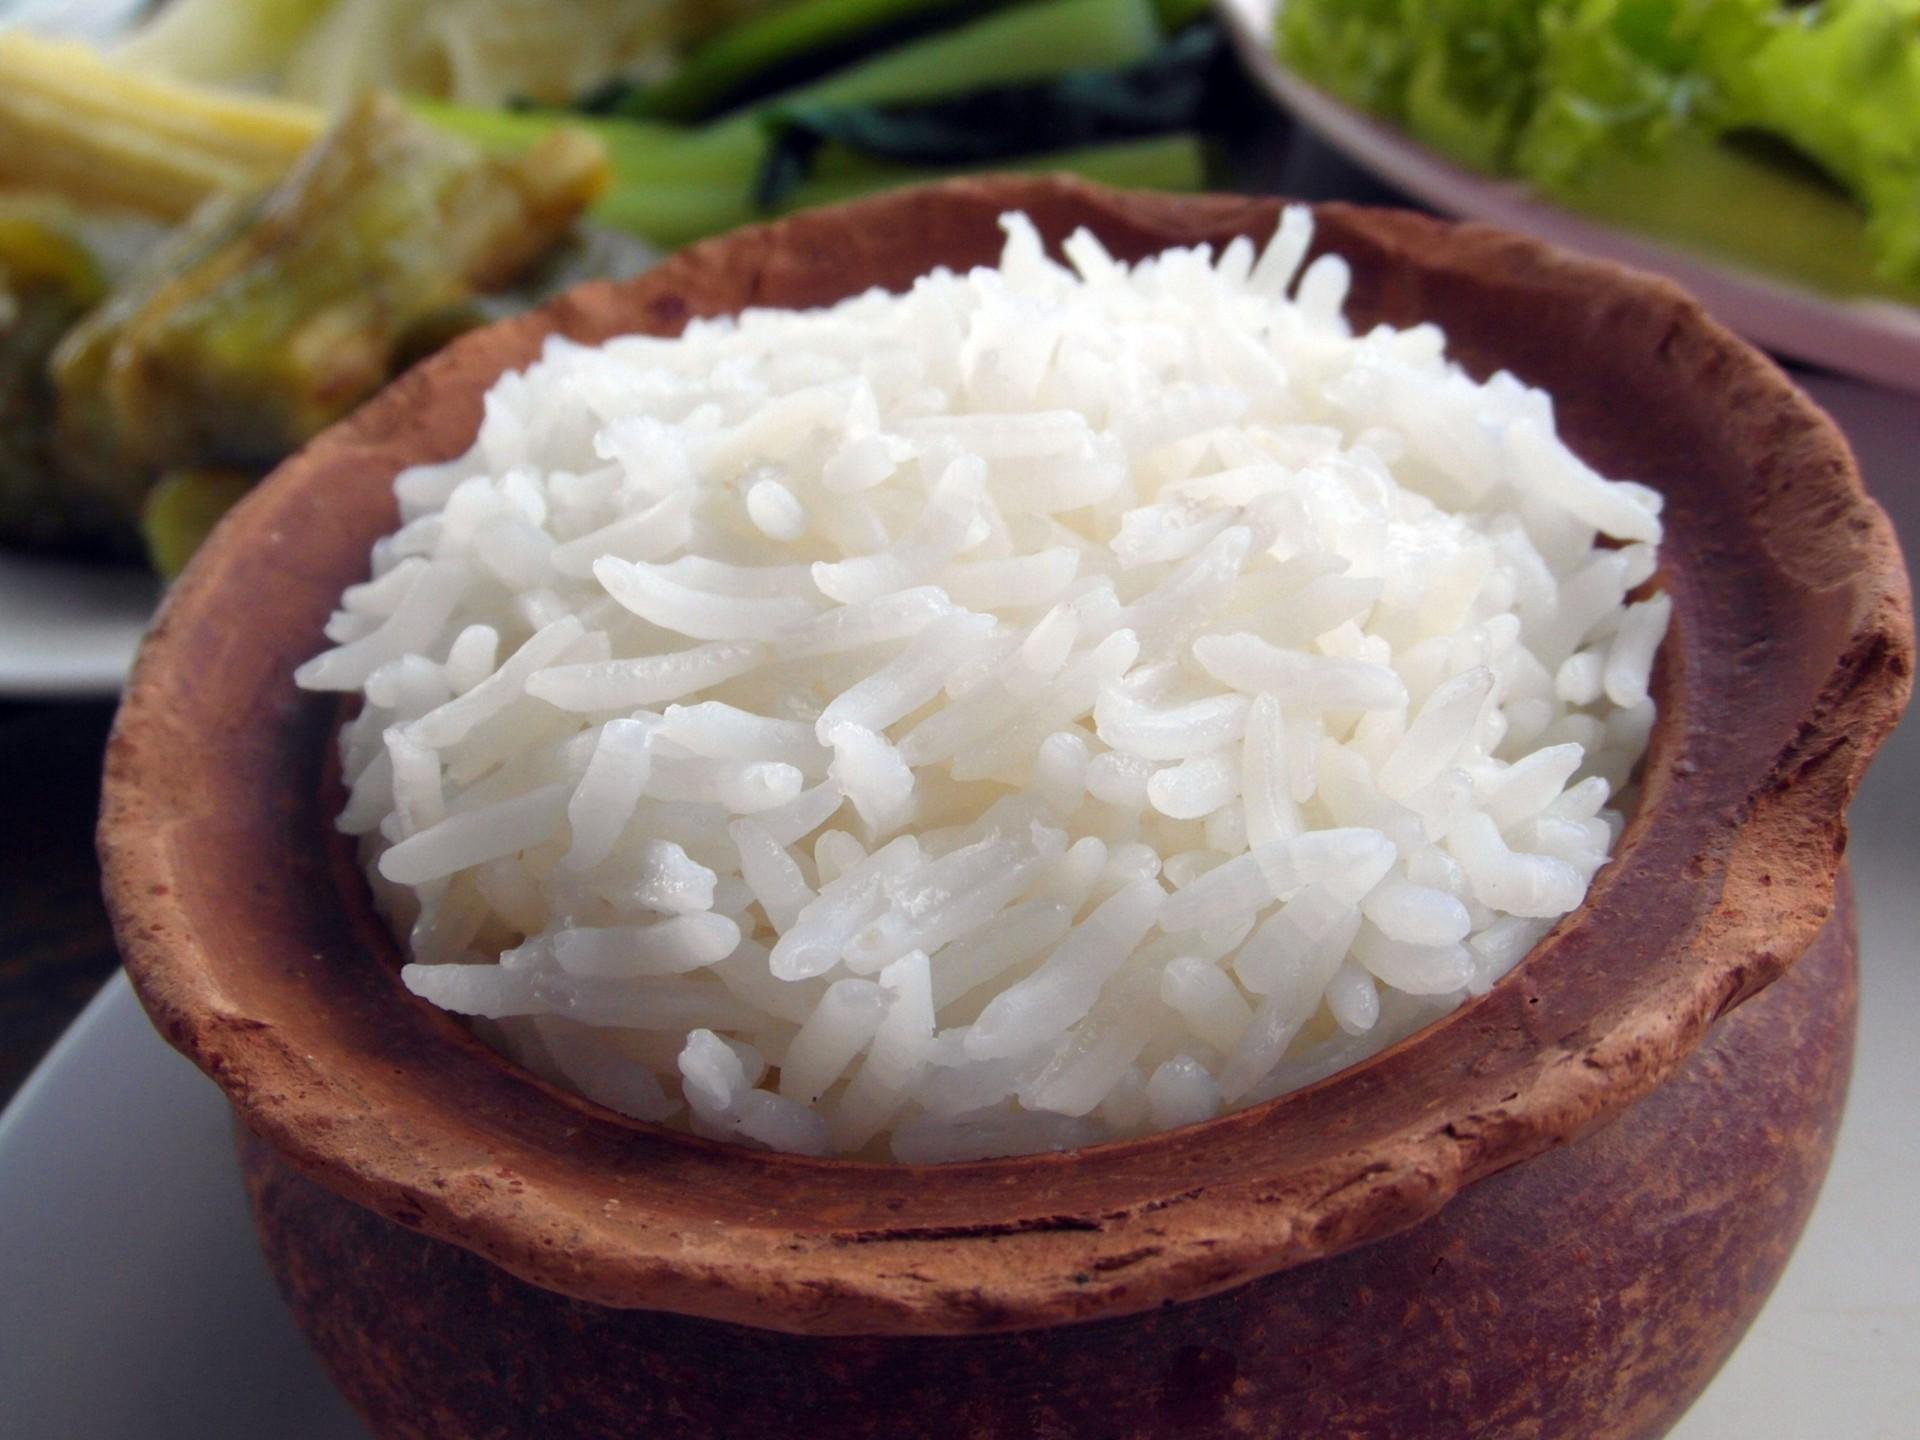 Immagine per Un pacco di riso contro la fame nel mondo, Cormons e Cervignano scendono in campo